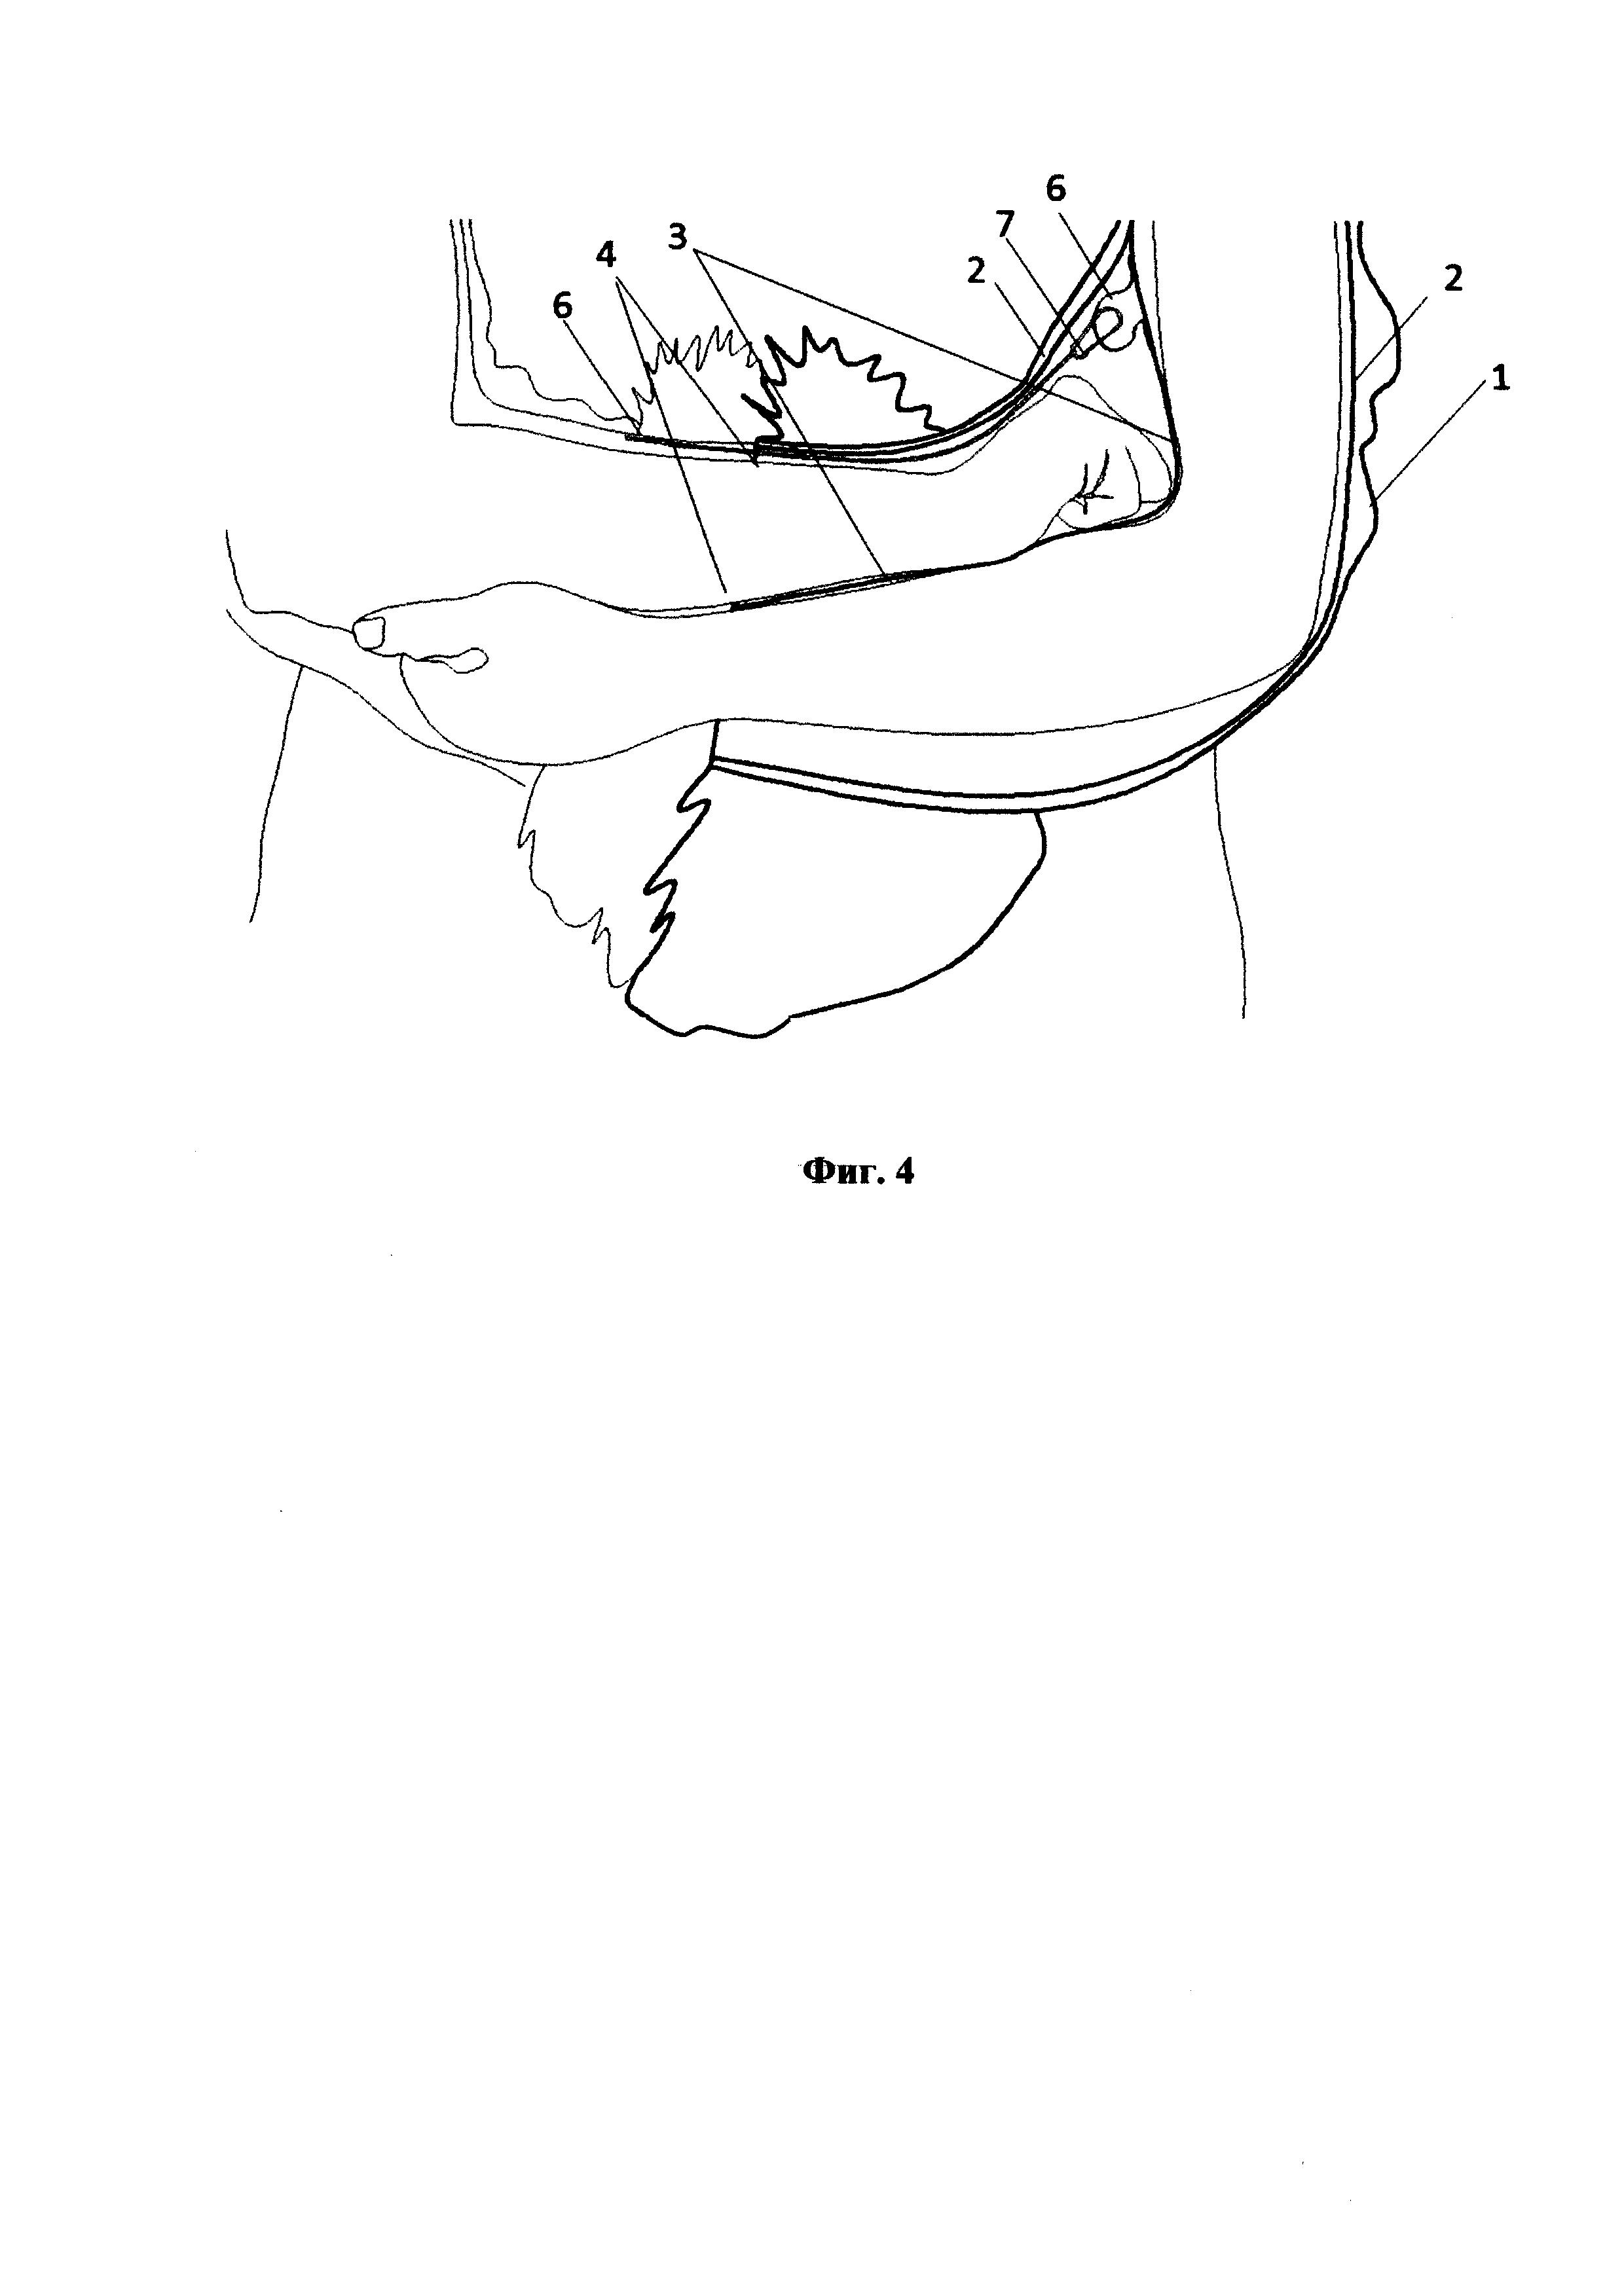 Конструкция рукава для зимней одежды